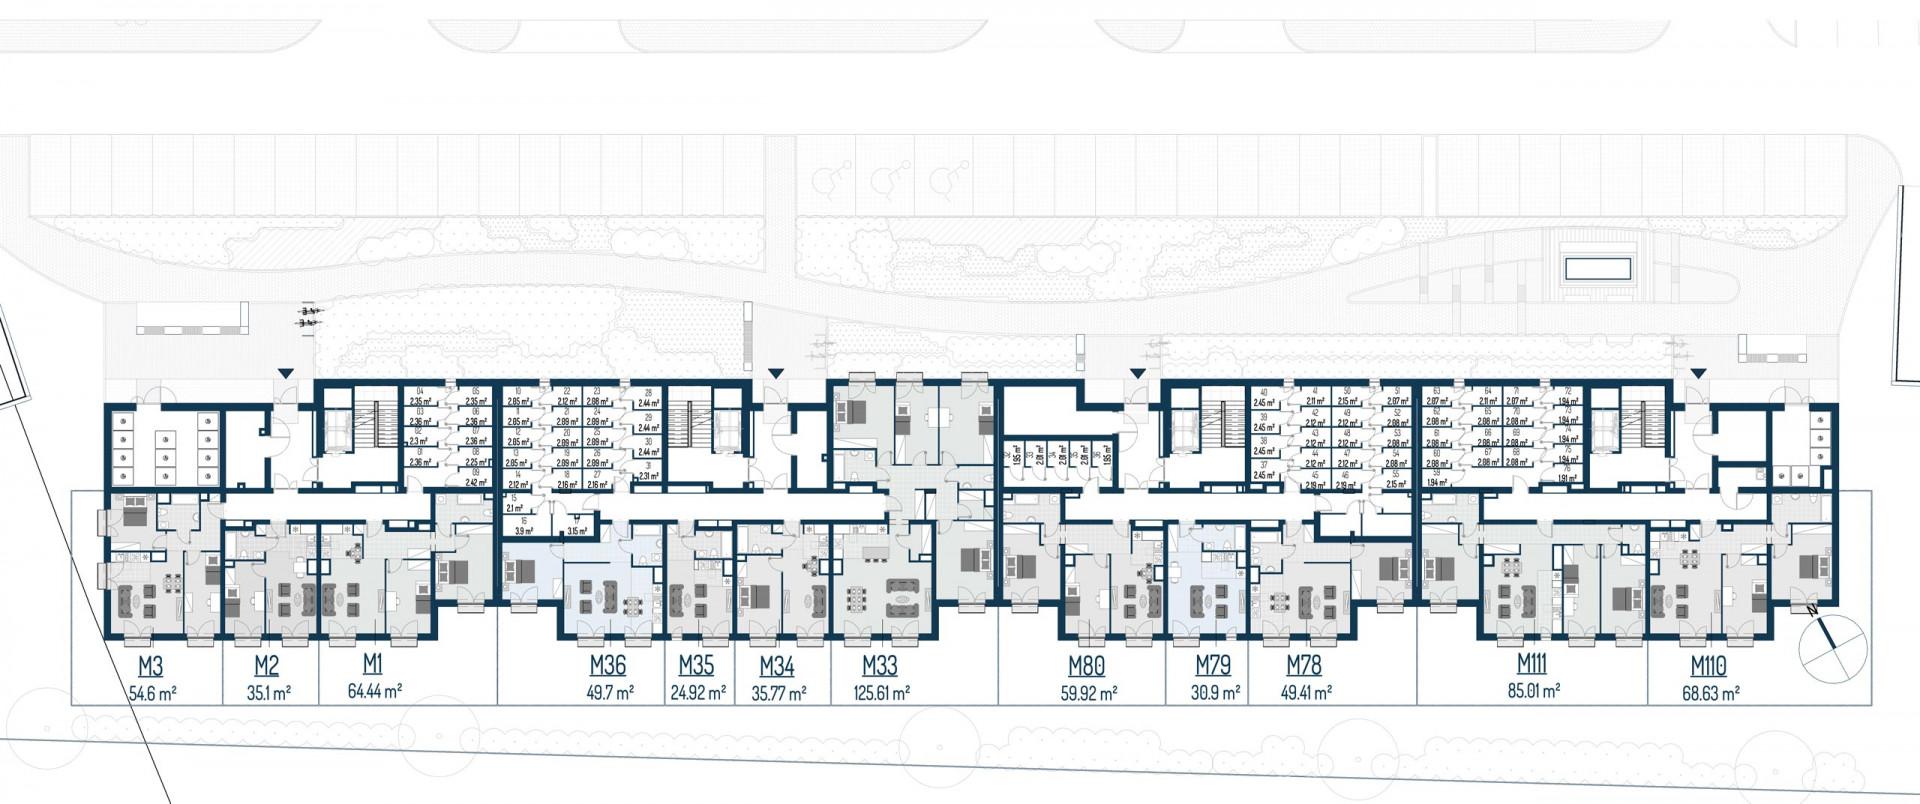 Zdrowe Stylove / budynek 2 / mieszkanie nr 3 rzut 2